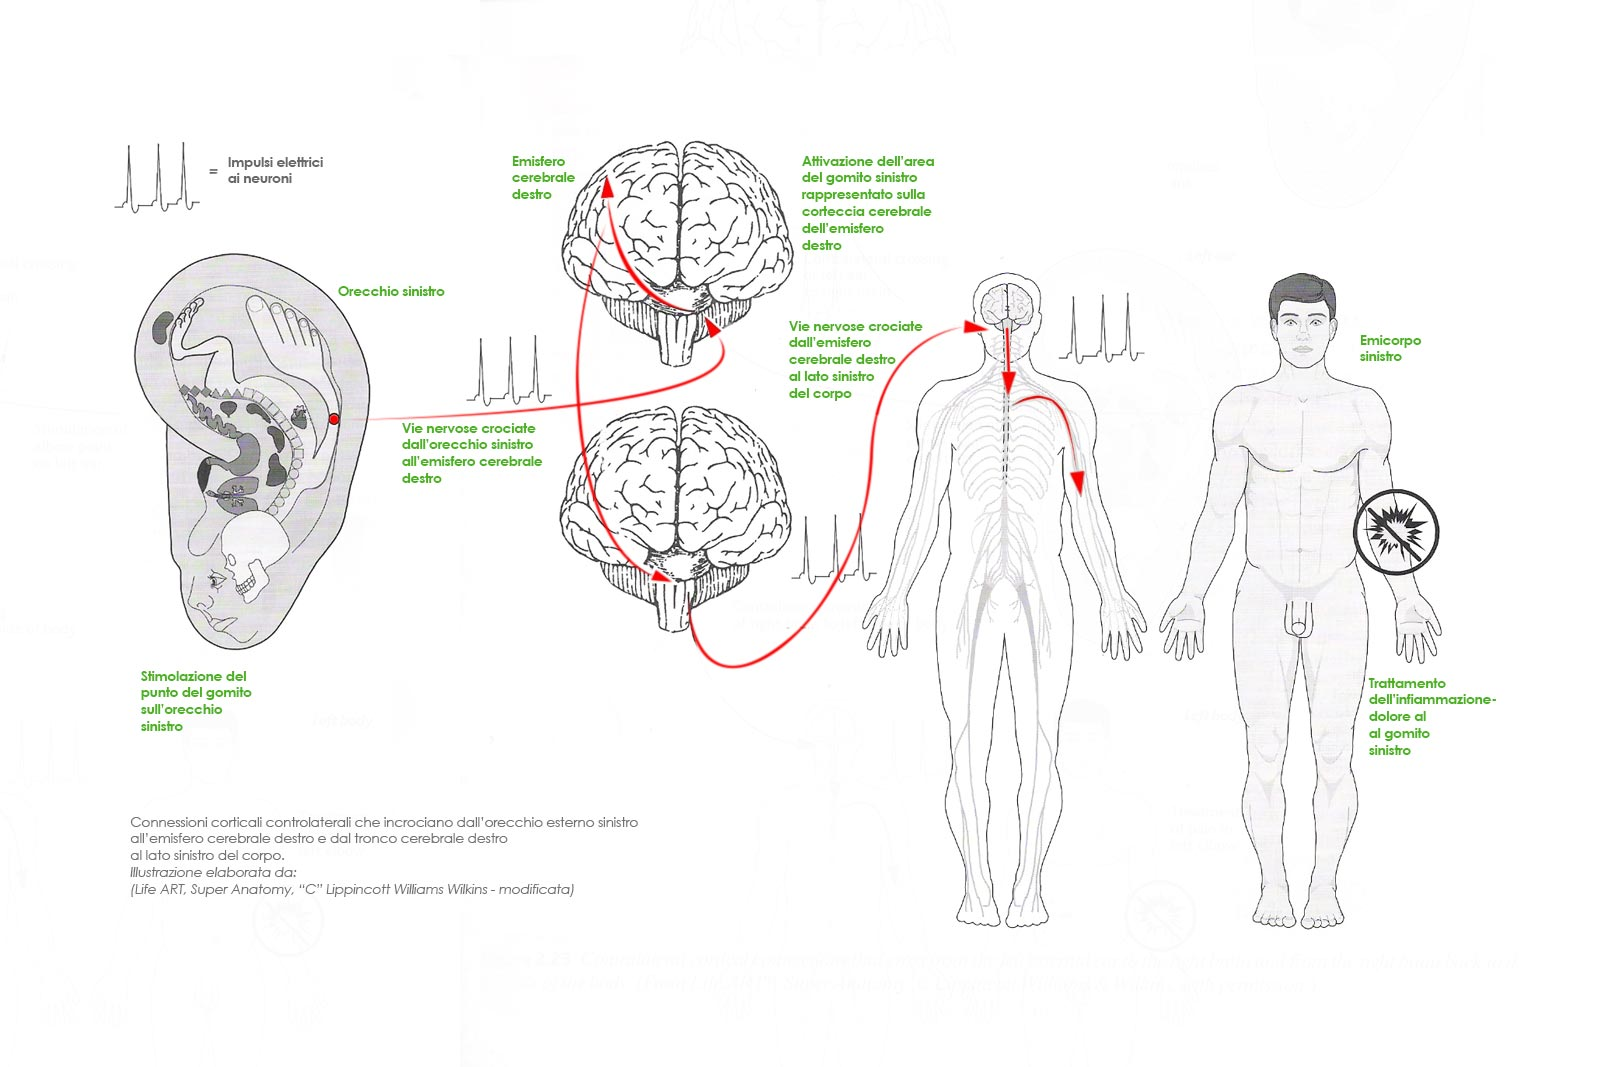 Connessioni corticali